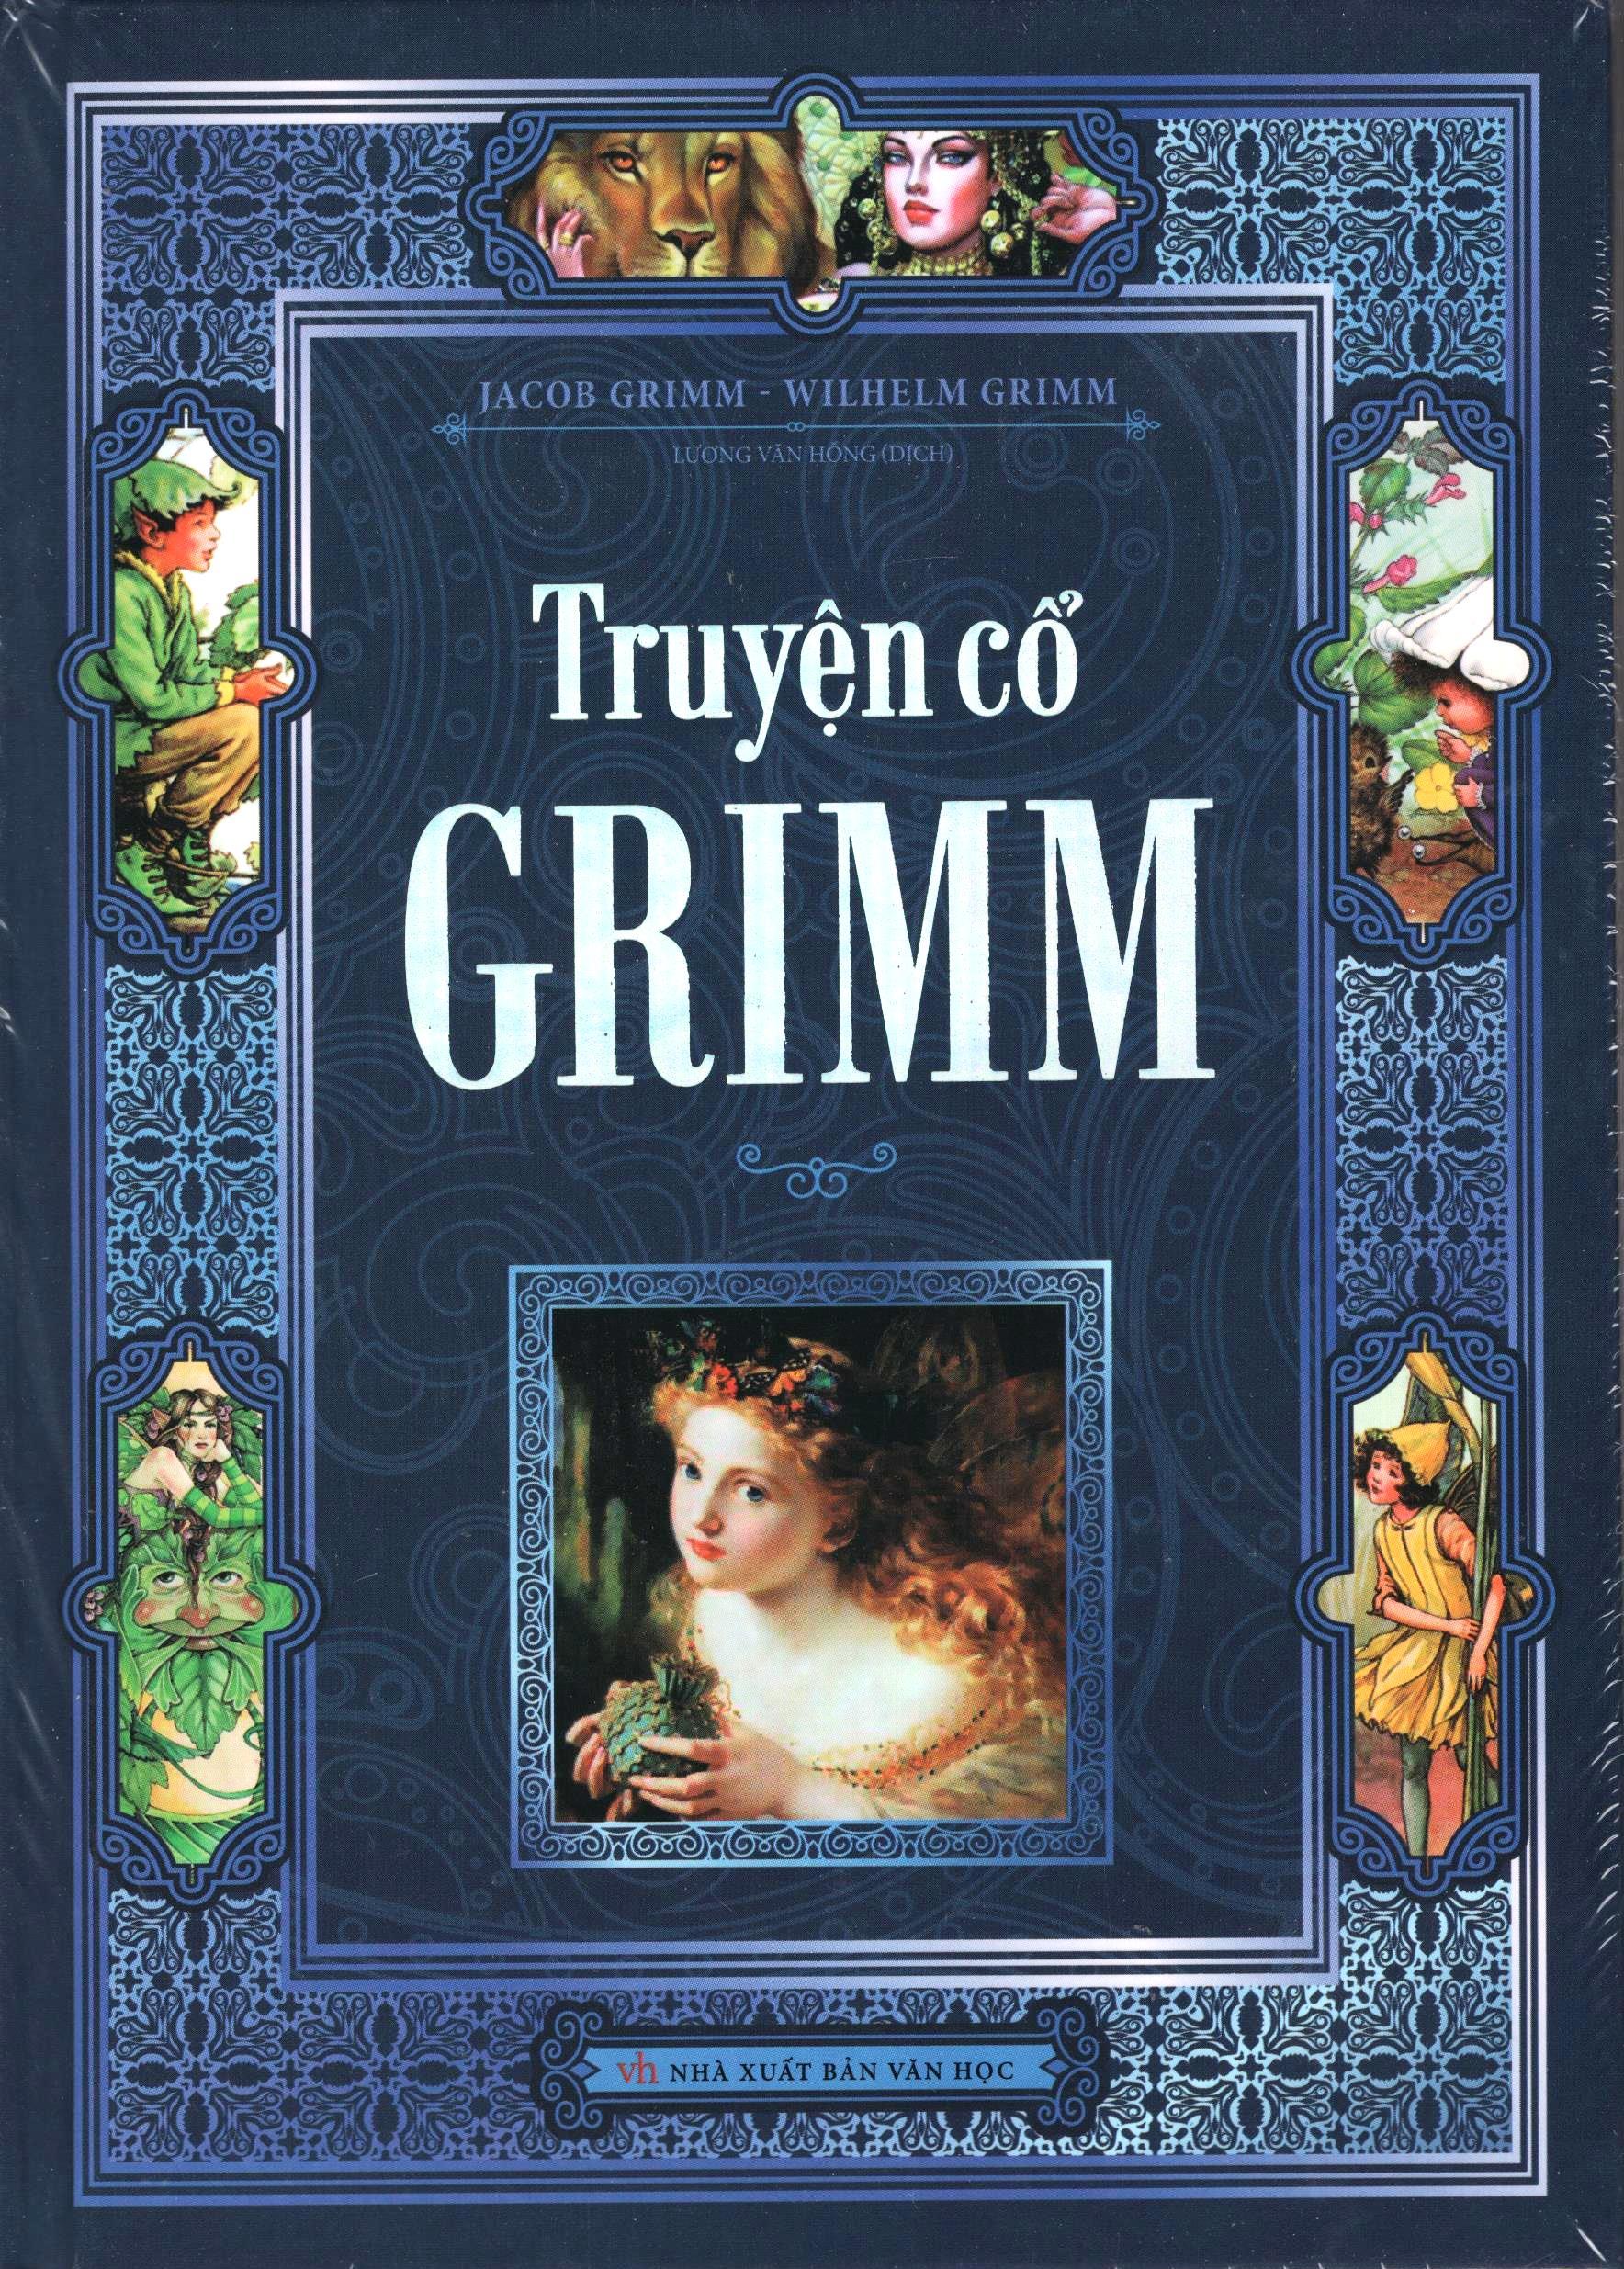 Bìa sách Truyện Cổ Grim